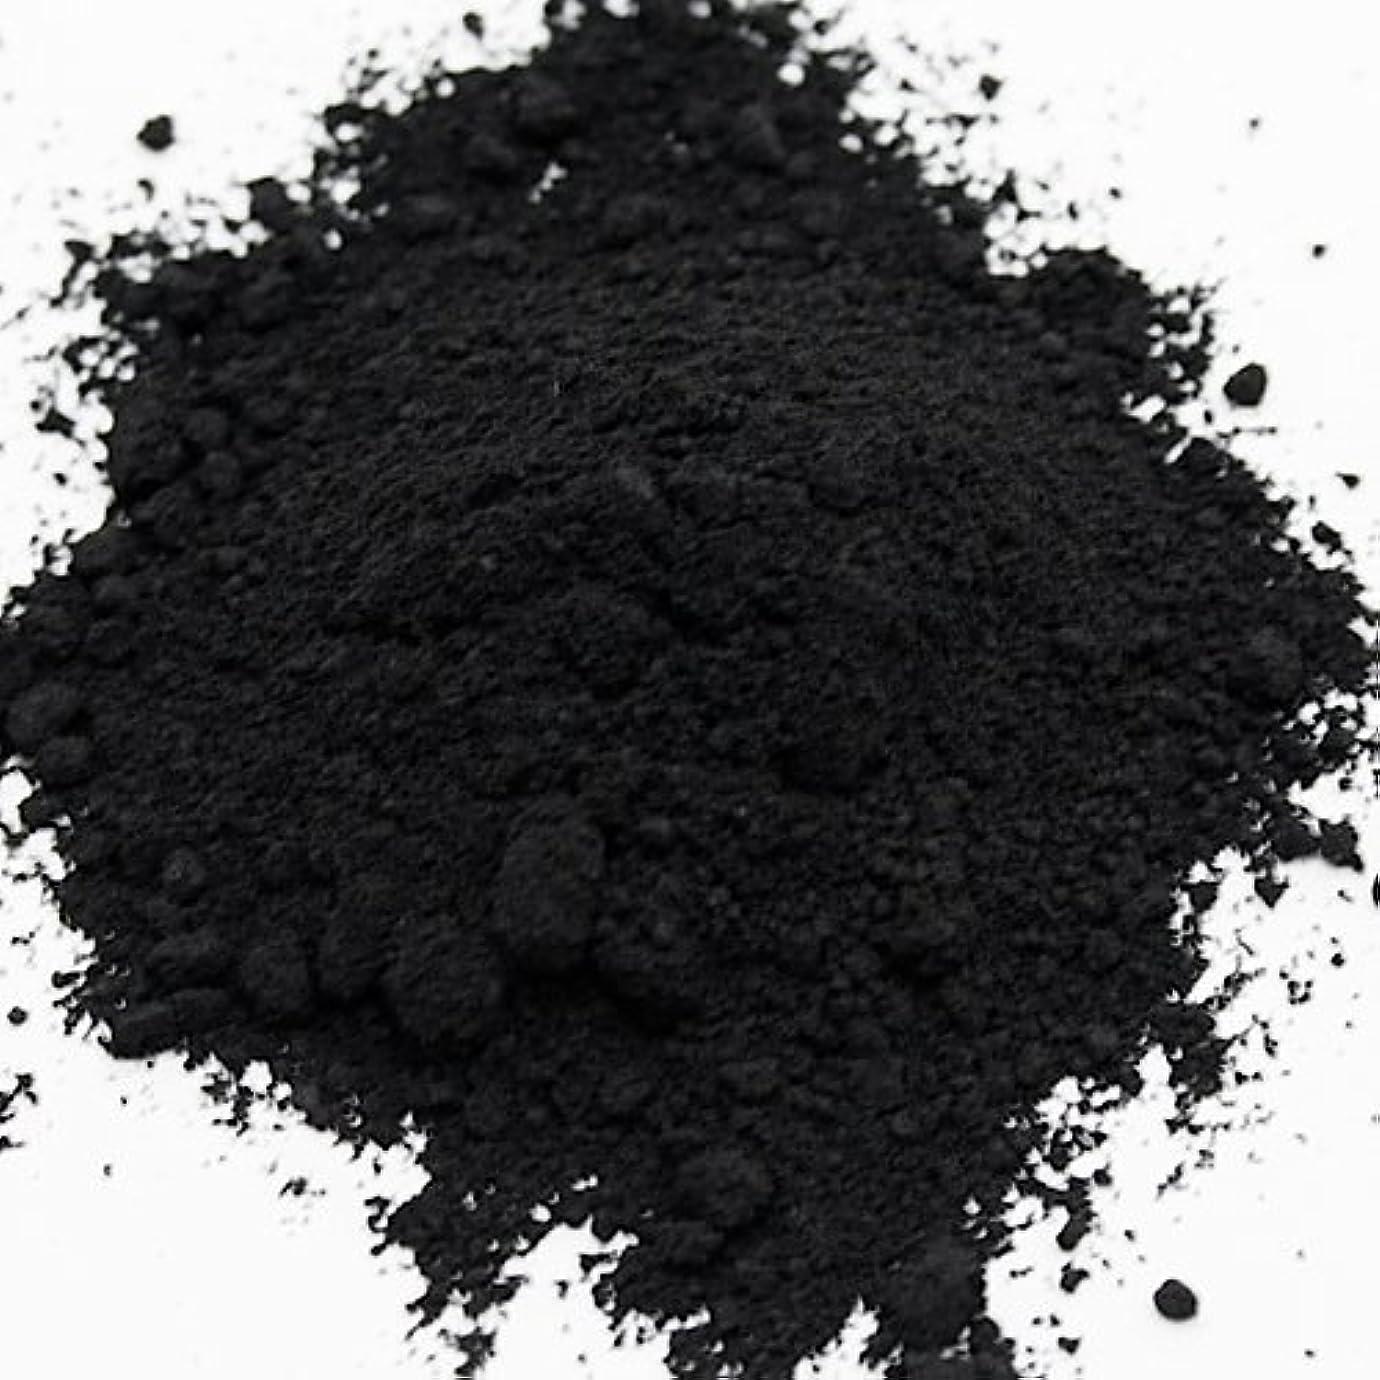 従事する野な信頼性のある酸化鉄 ブラック 20g 【手作り石鹸/手作りコスメ/色付け/カラーラント/黒】